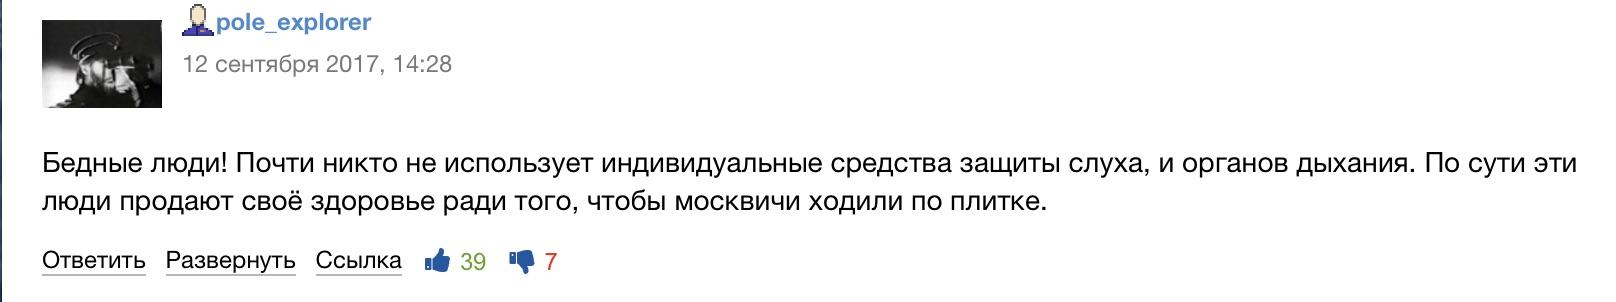 Как пилят для Москвы - комменты СИЗ